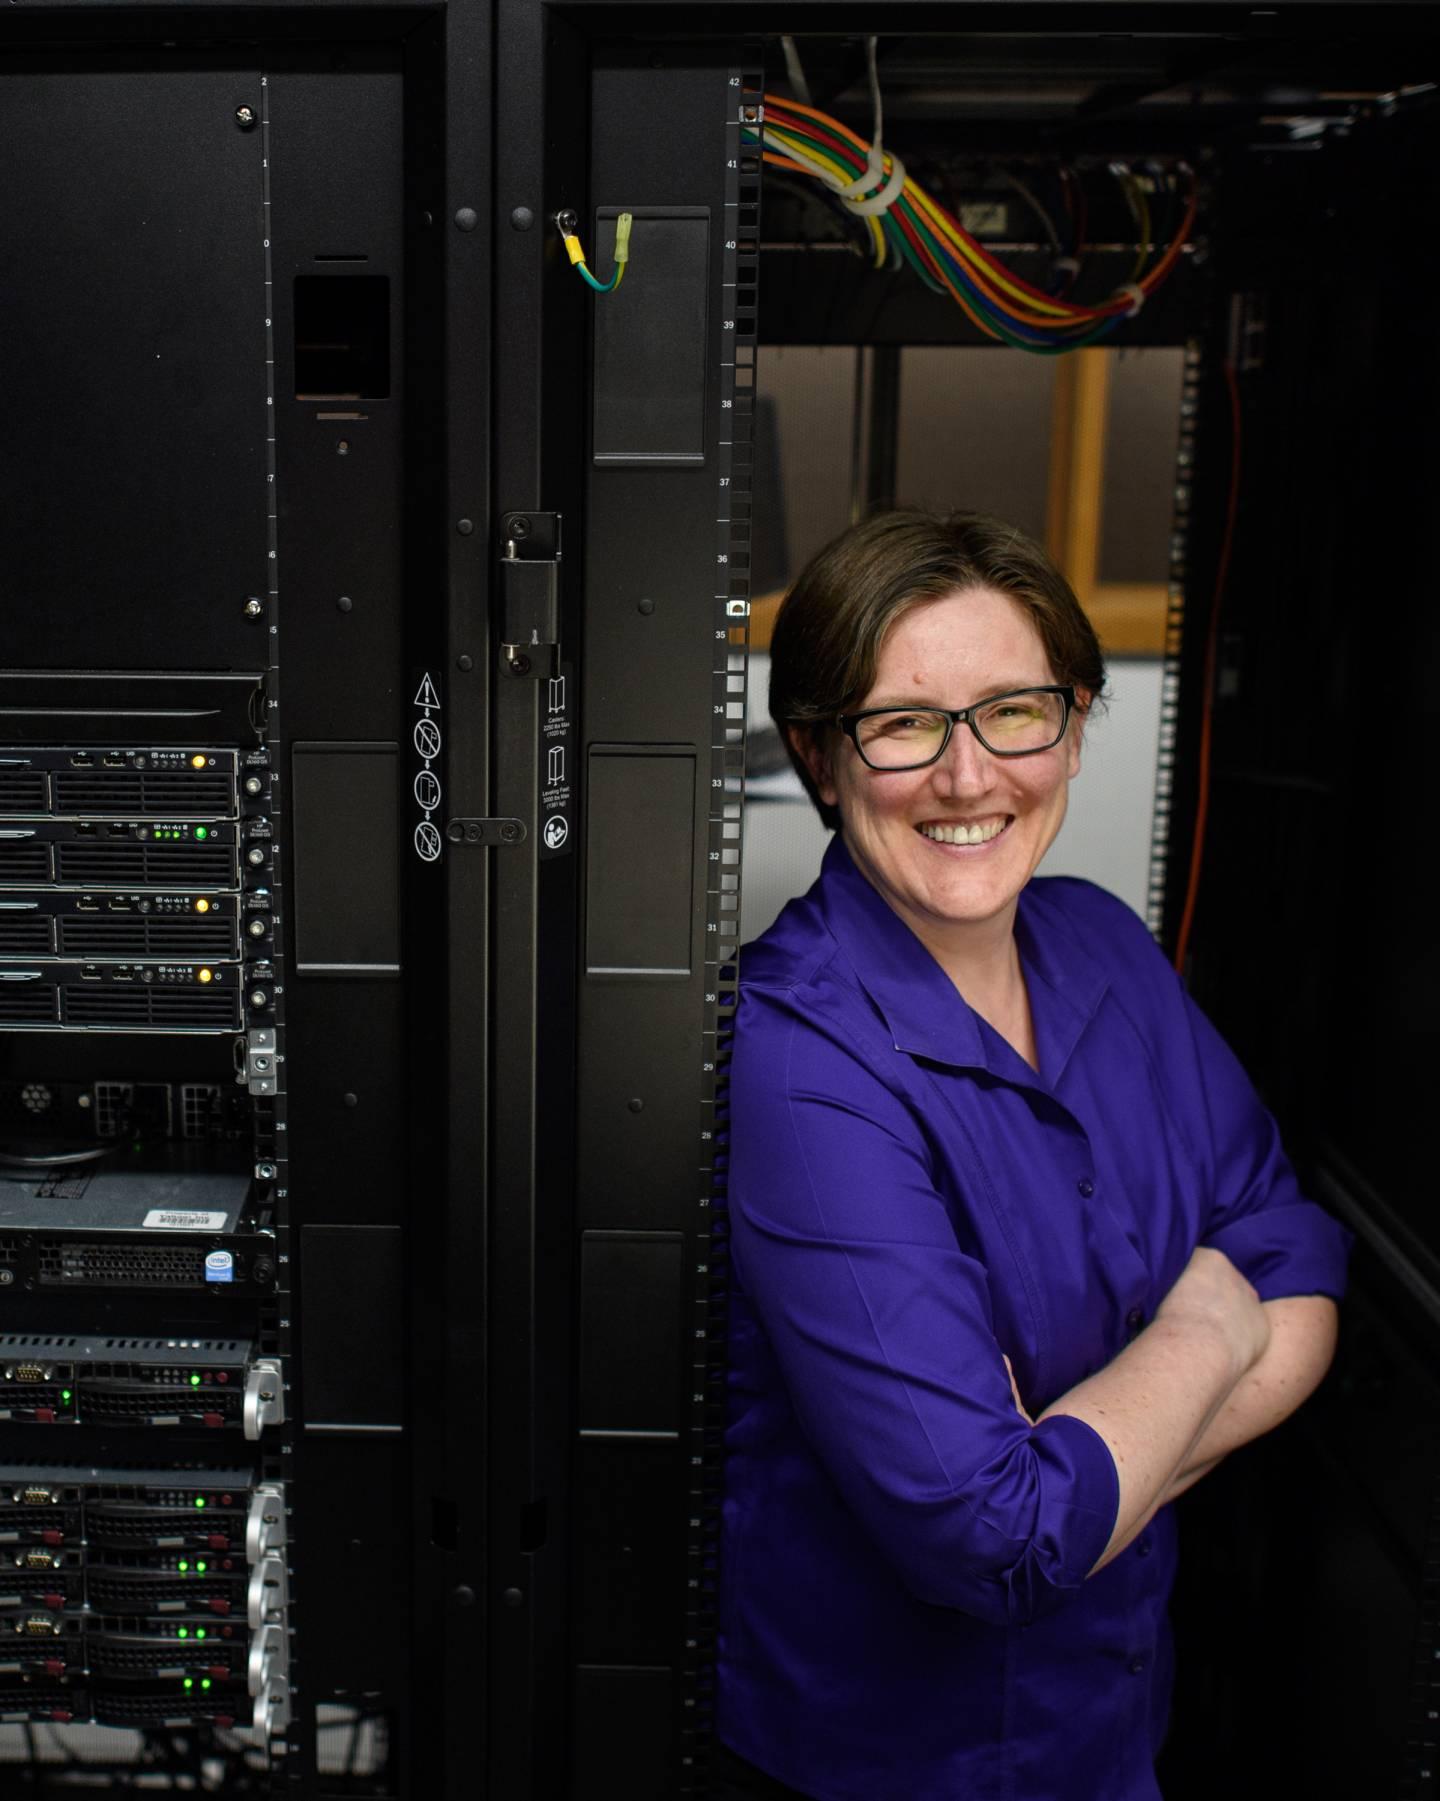 Jennifer Rexford in between mainframes